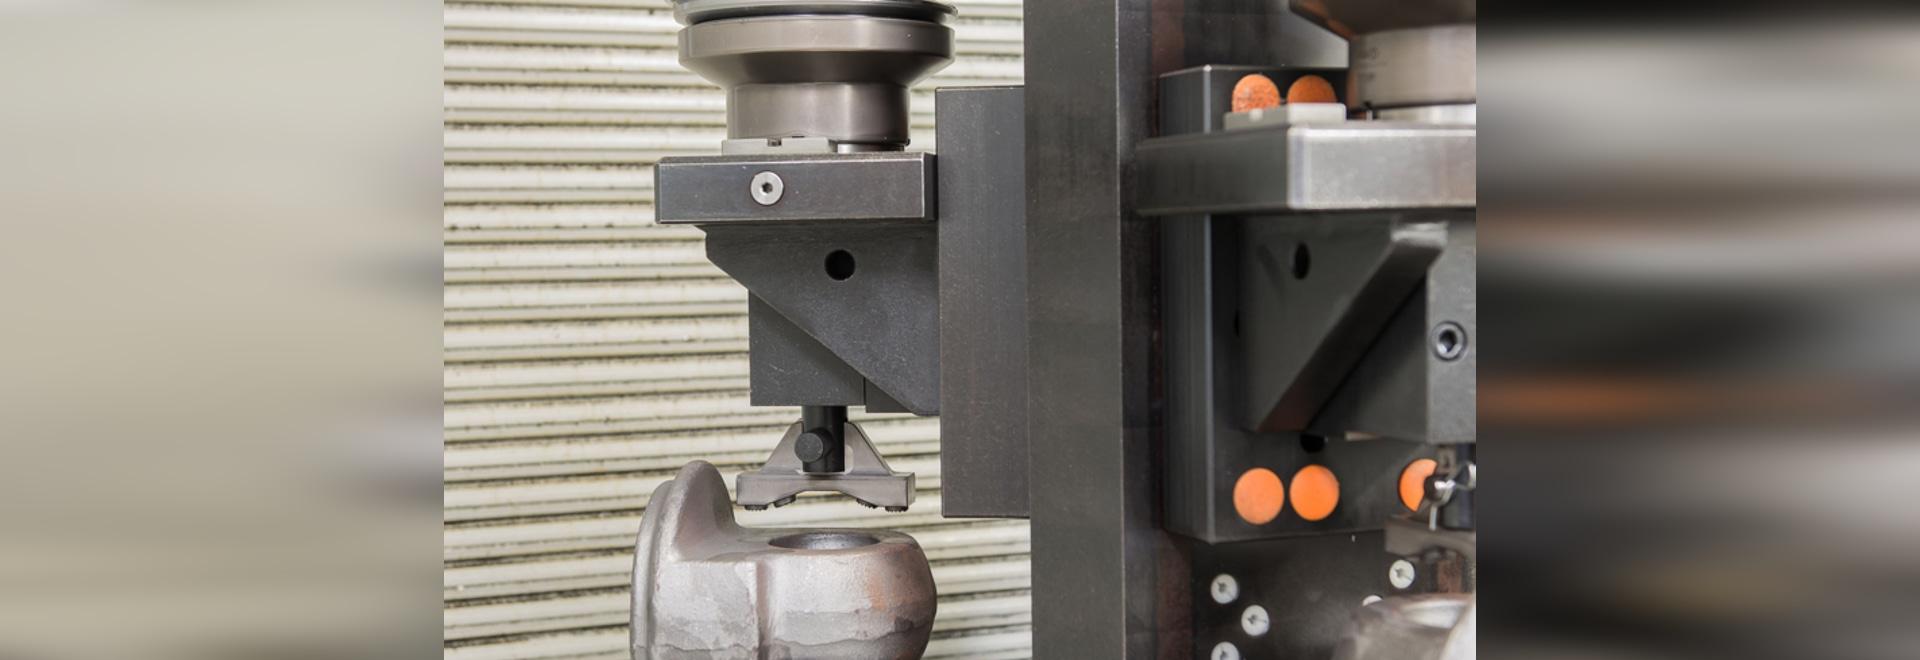 AMF Komplettlösung mit Spanntürmen beschleunigt Automatisierung